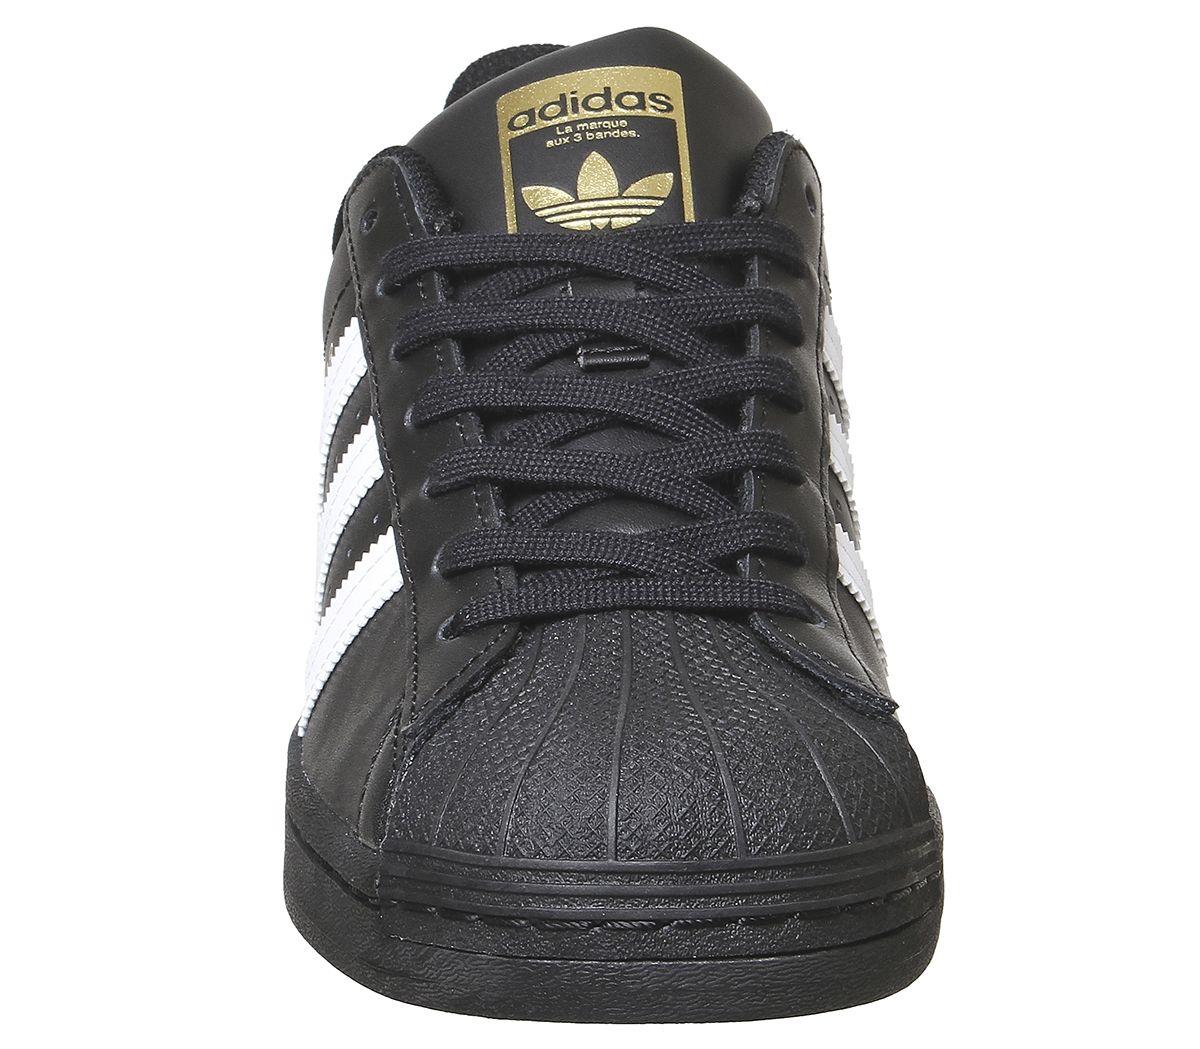 Adidas-Superstar-Baskets-Noir-Blanc-Baskets-Chaussures miniature 11